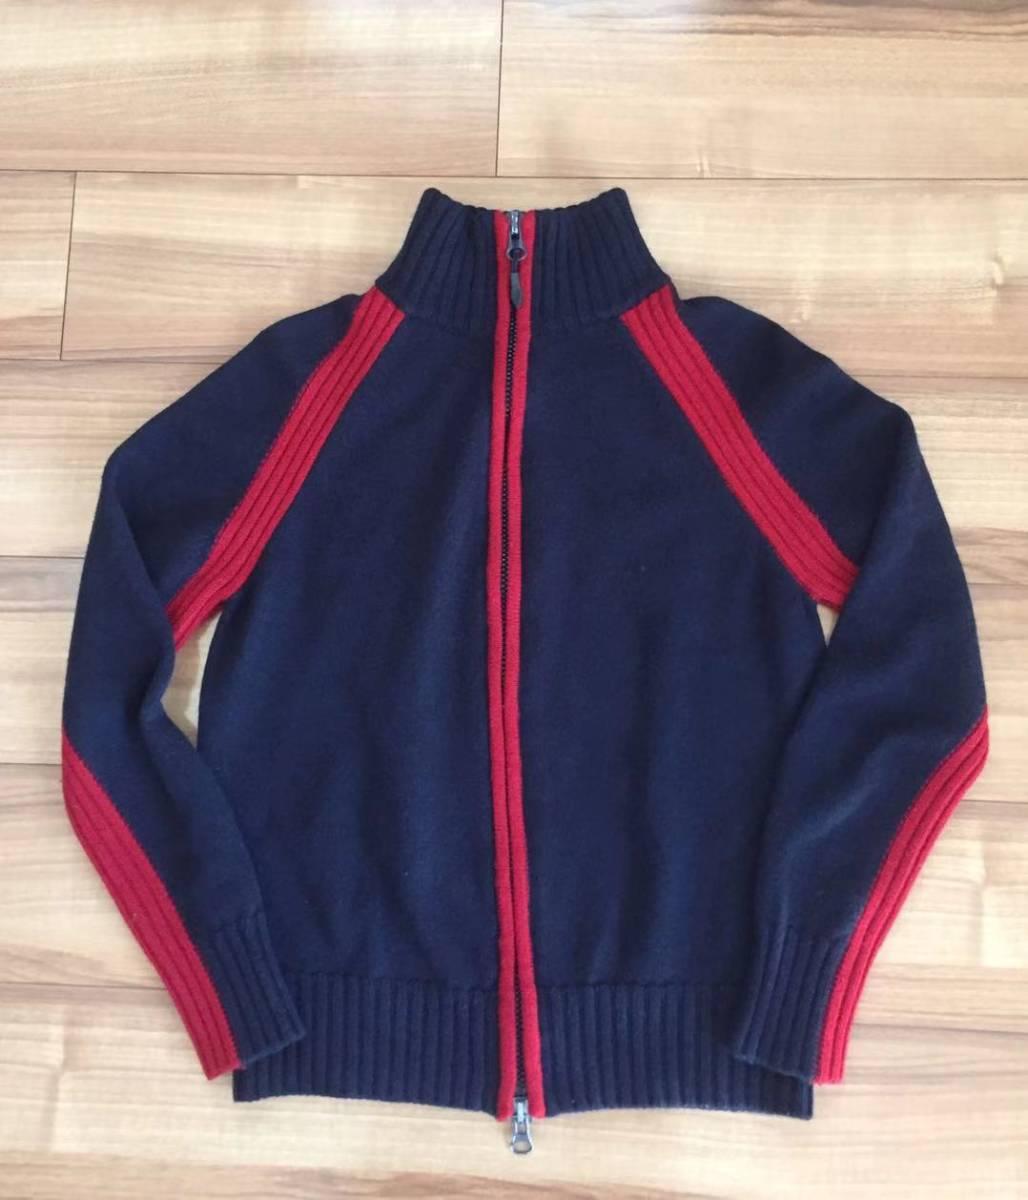 AJ アルマーニジーンズ・フルジップニットジャケット・S・ネイビー×レッド・リトアニア(欧州)製_画像1